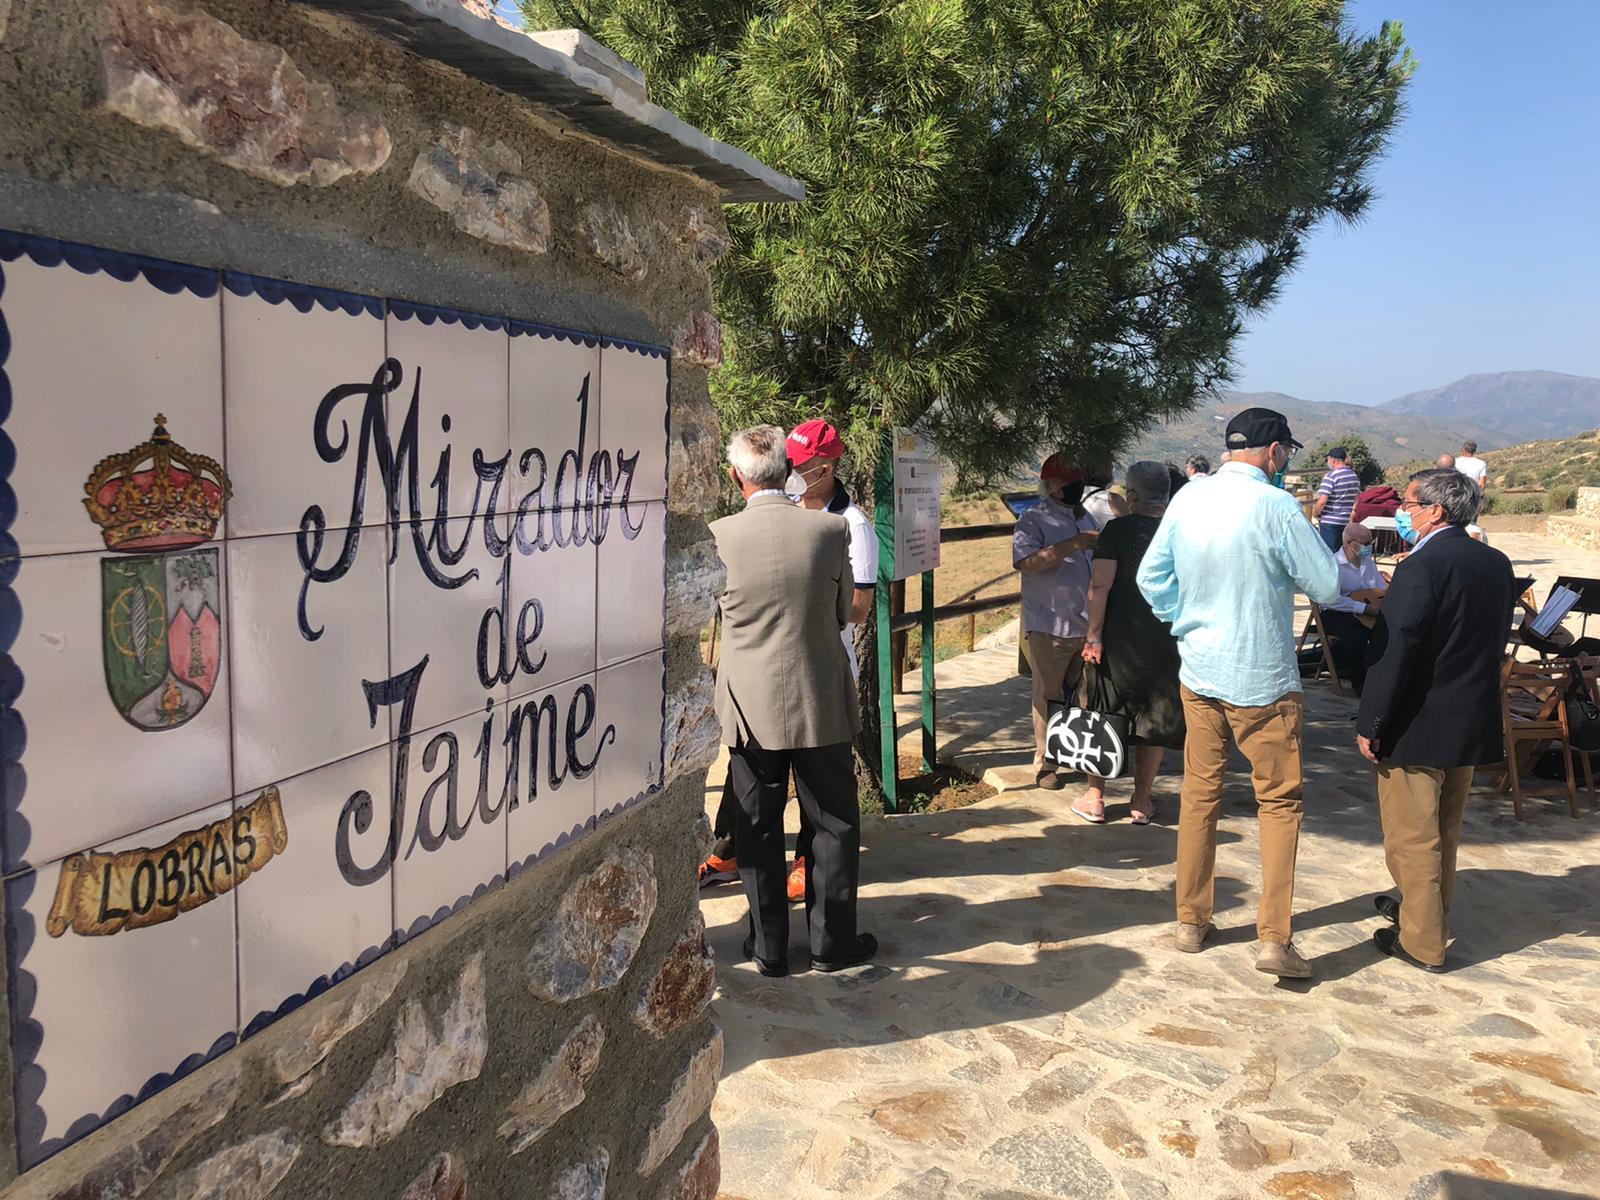 Lobras estrena un nuevo mirador para reforzar su oferta turística